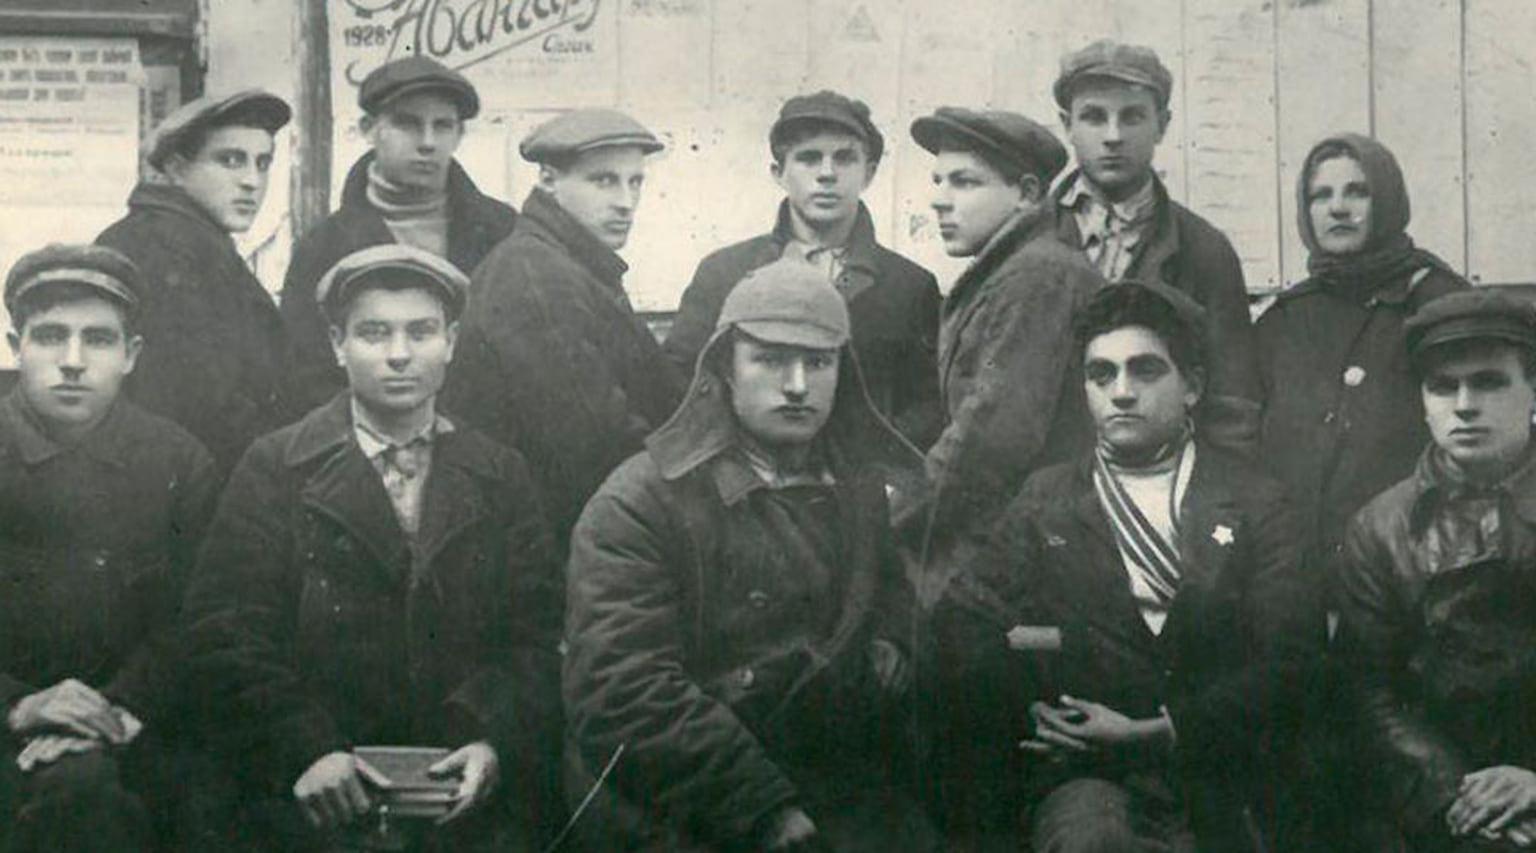 1928. Комсомольский актив КСМ организации Новороссийскогопорта